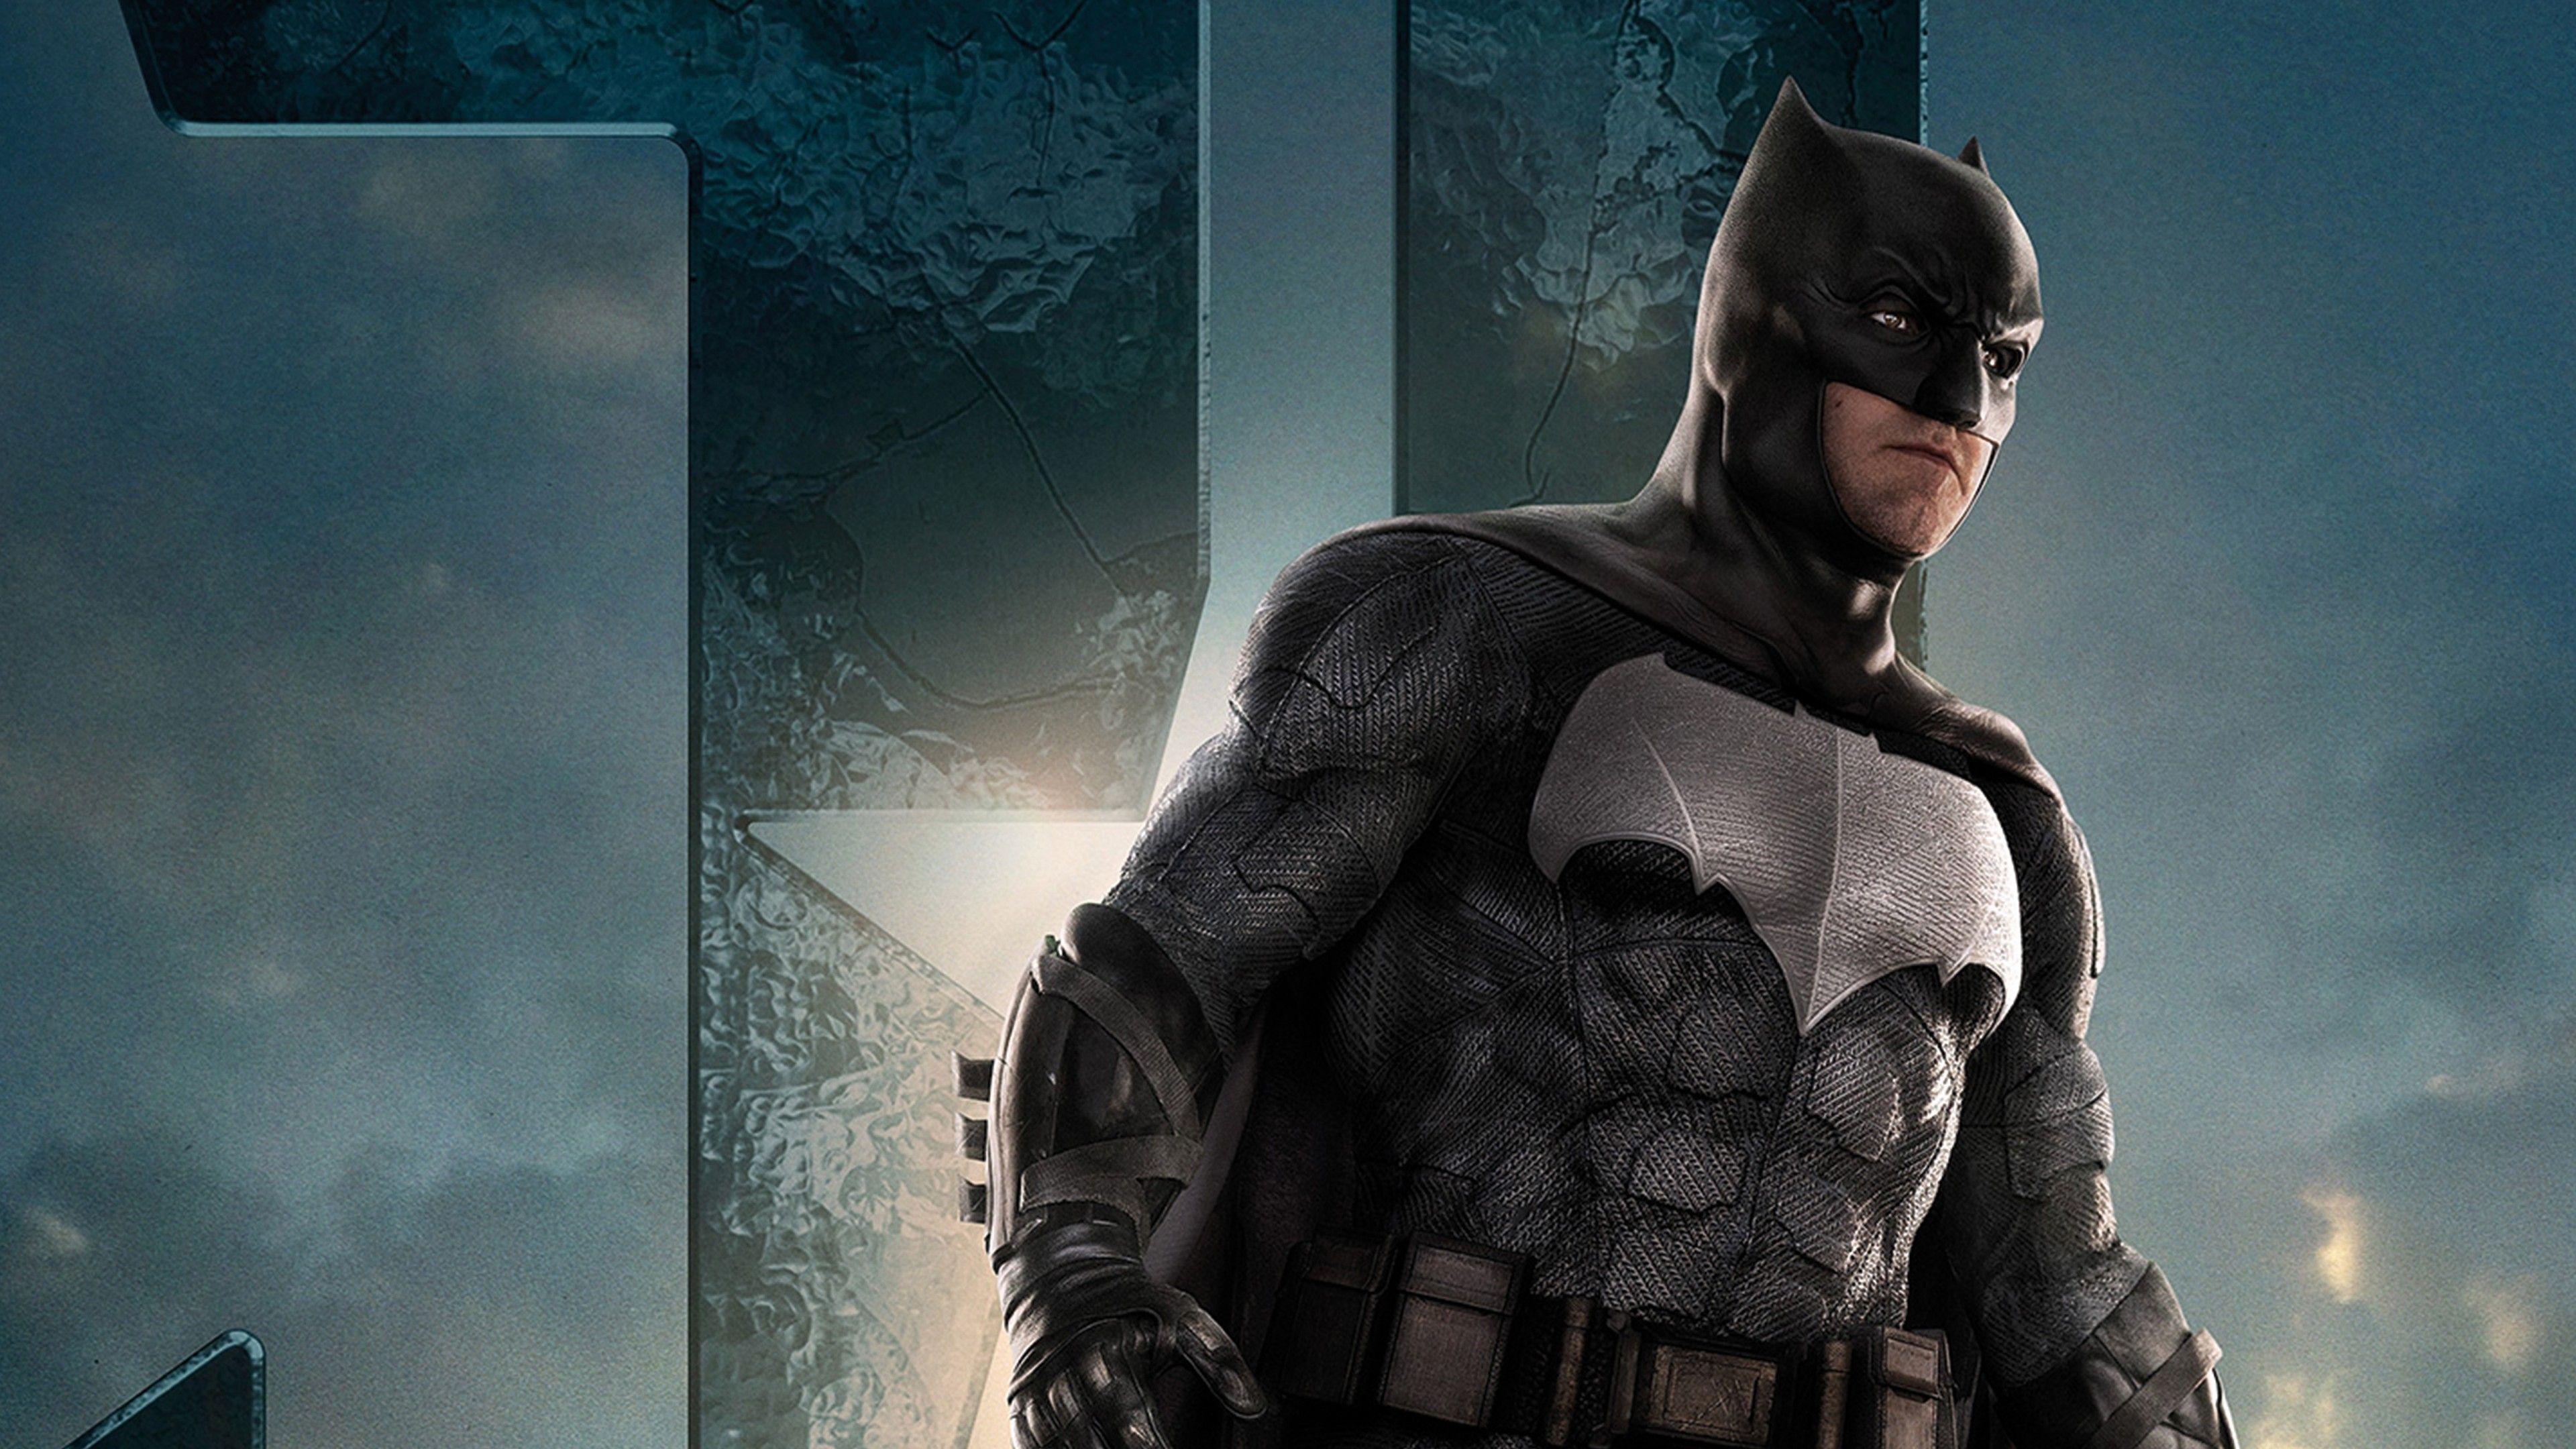 batman wallpaper hd, batman home screen wallpaper